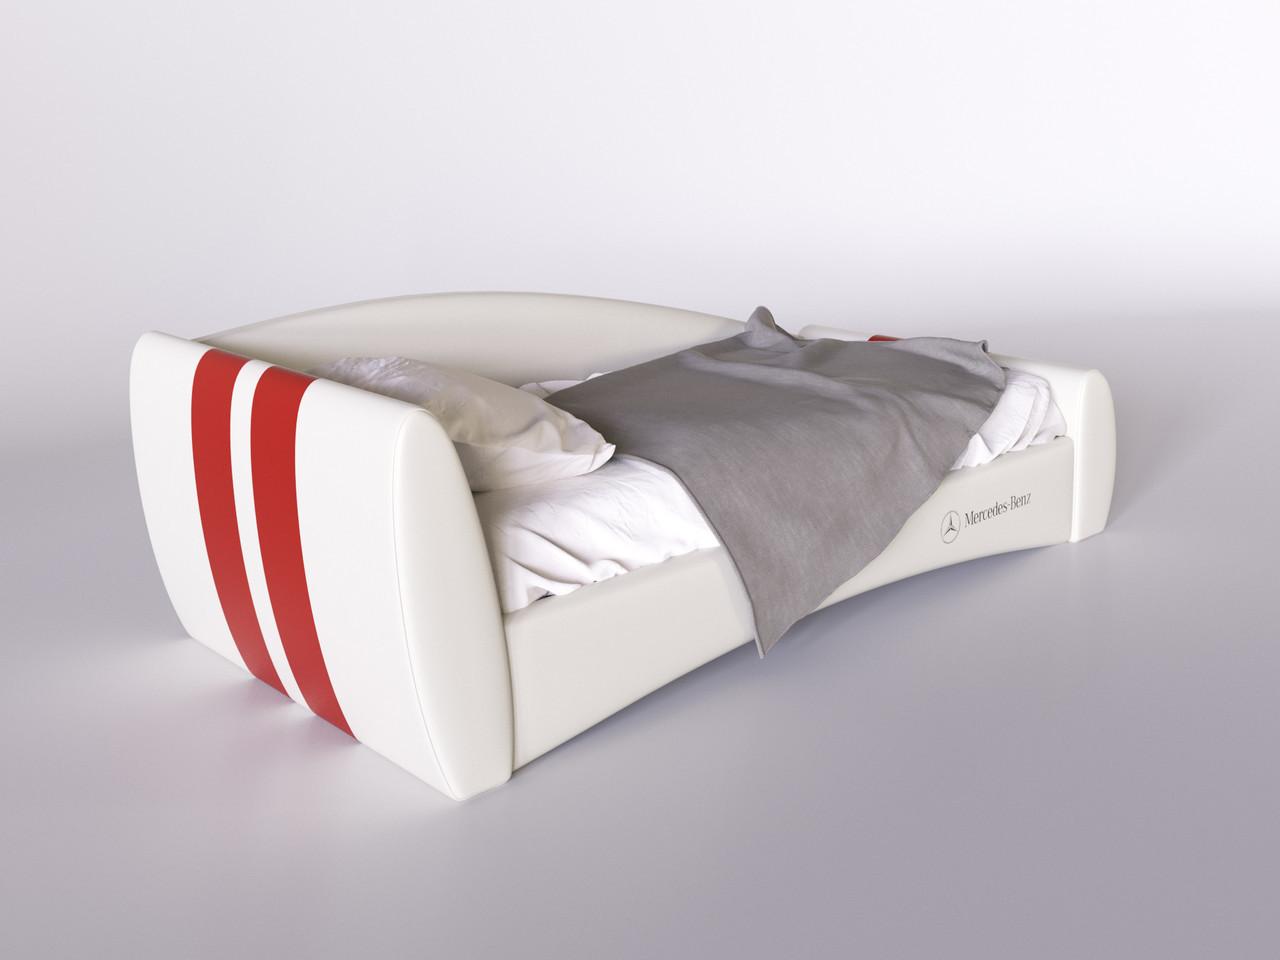 Детская кровать Формула Mercedes - Benz 120*200